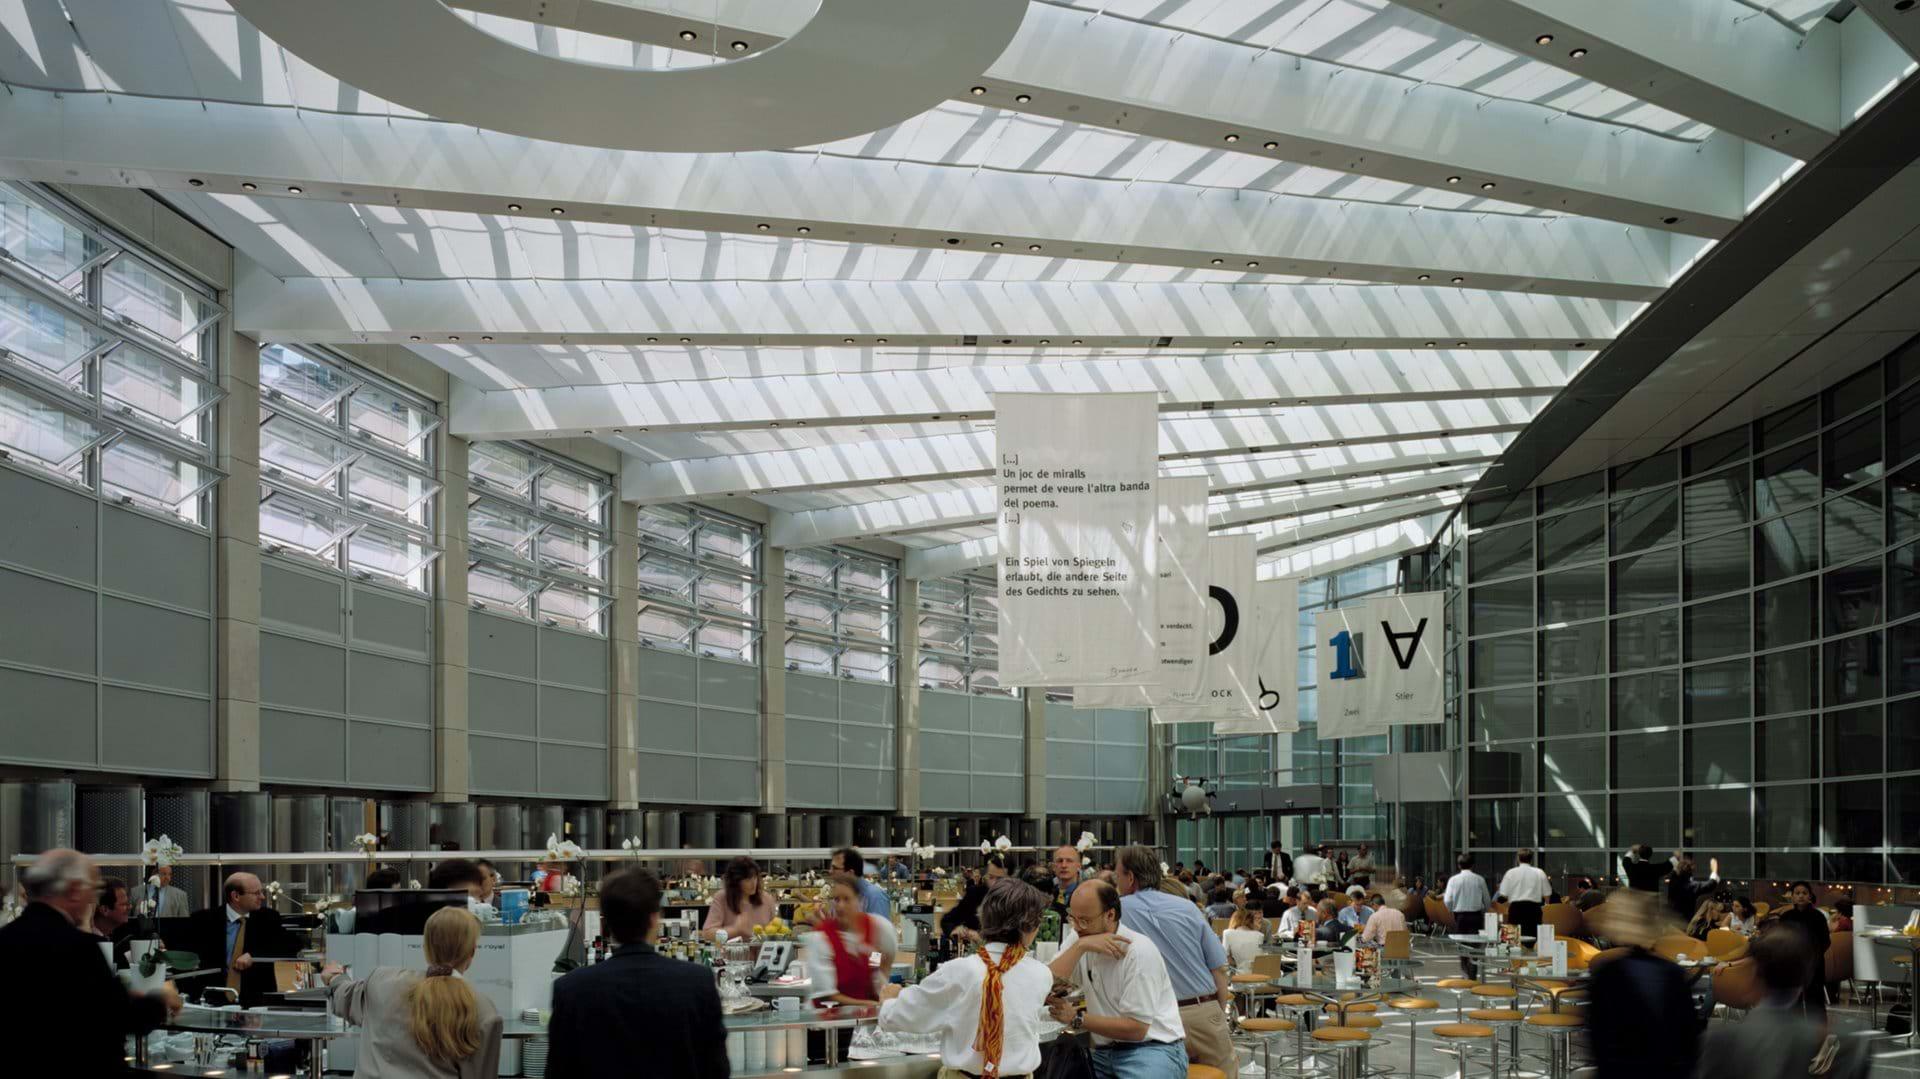 Il grattecielo ospita anche negozi e zone di ristorazione